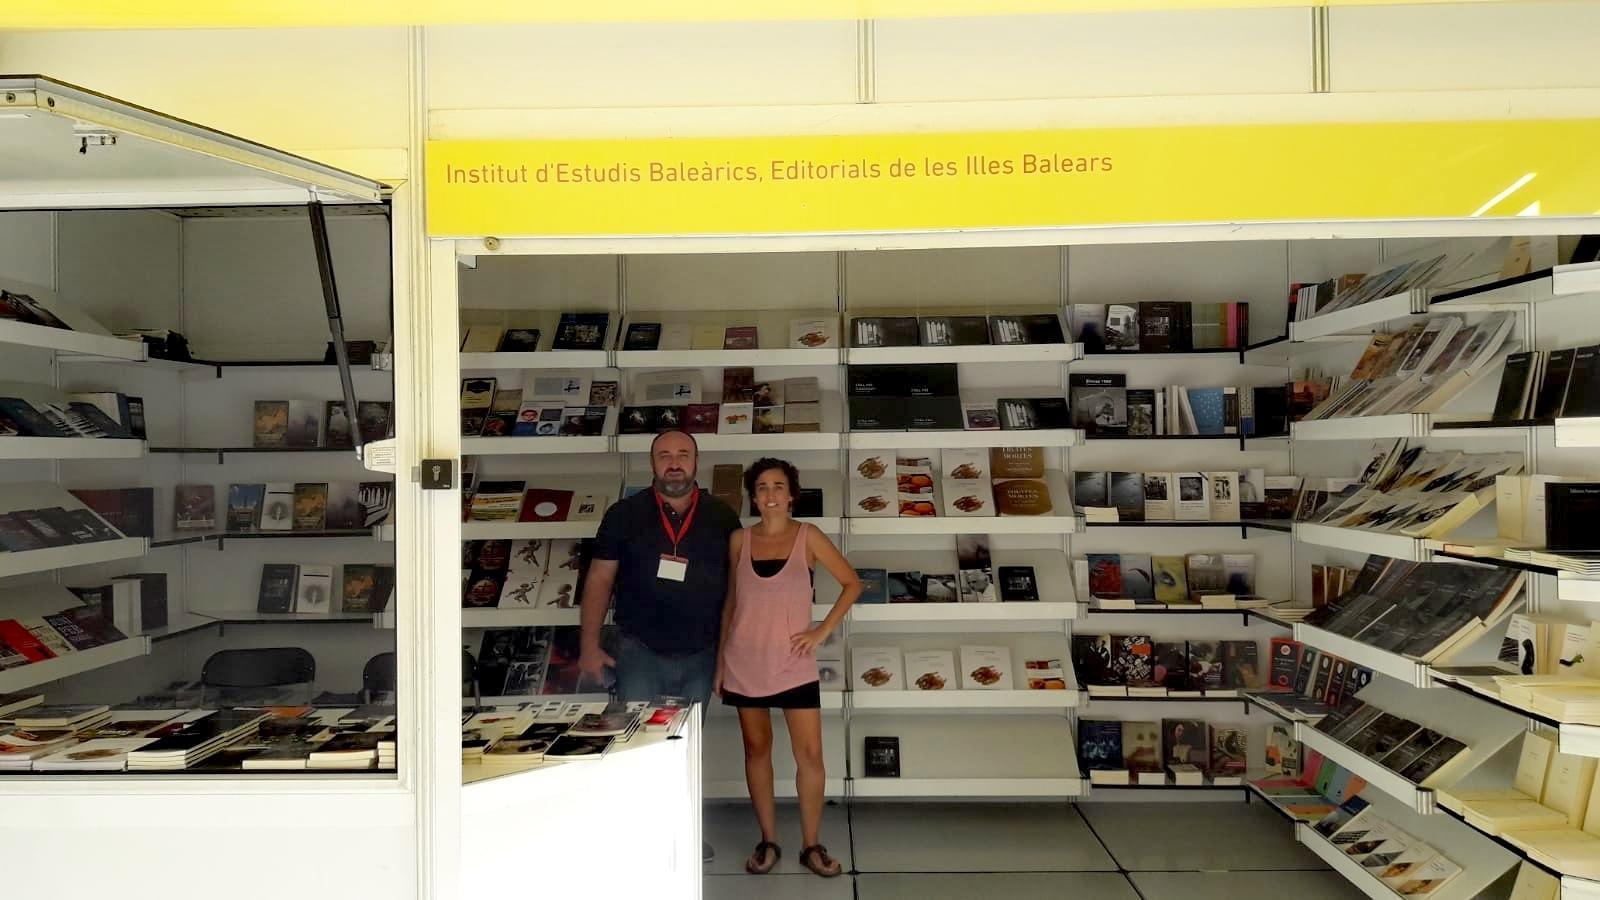 Estand de l'IEB a la Setmana del Llibre en Català de Barcelona.